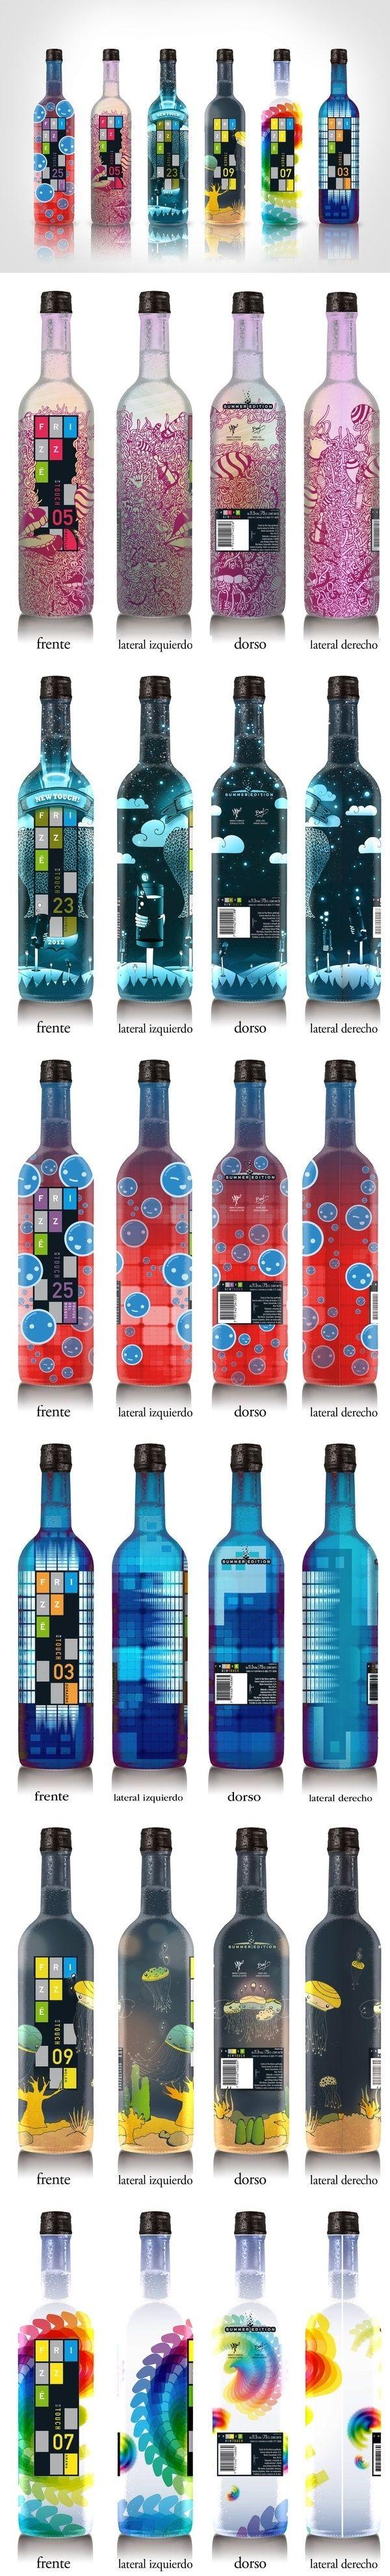 30 designs originaux & créatifs autour des bouteilles - Inspiration graphique #11   BlogDuWebdesign